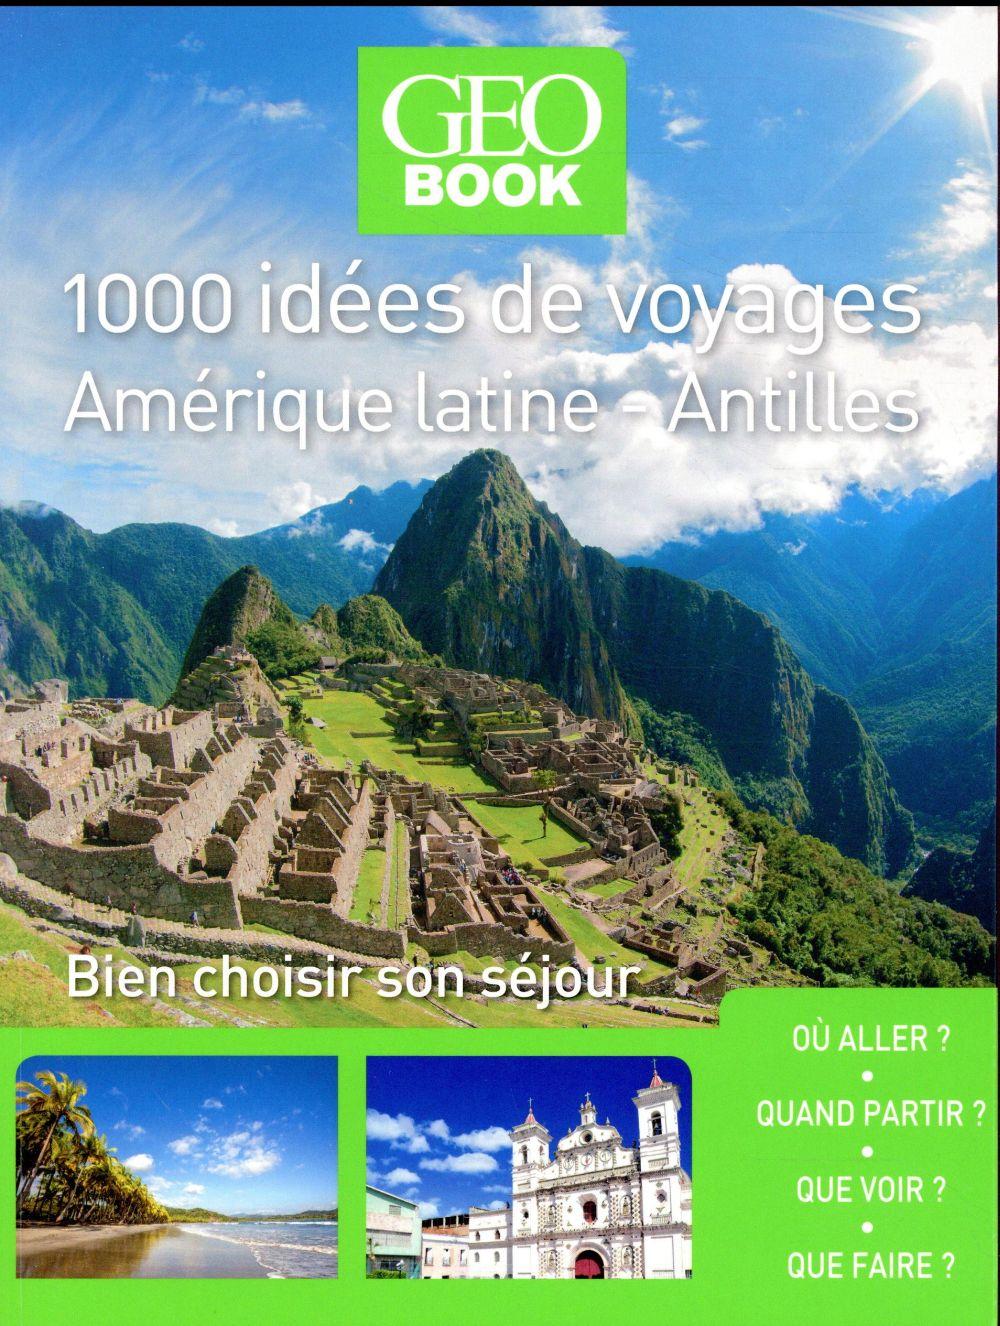 GEOBOOK ; 1000 idées de voyages ; Amérique Latine et Antilles